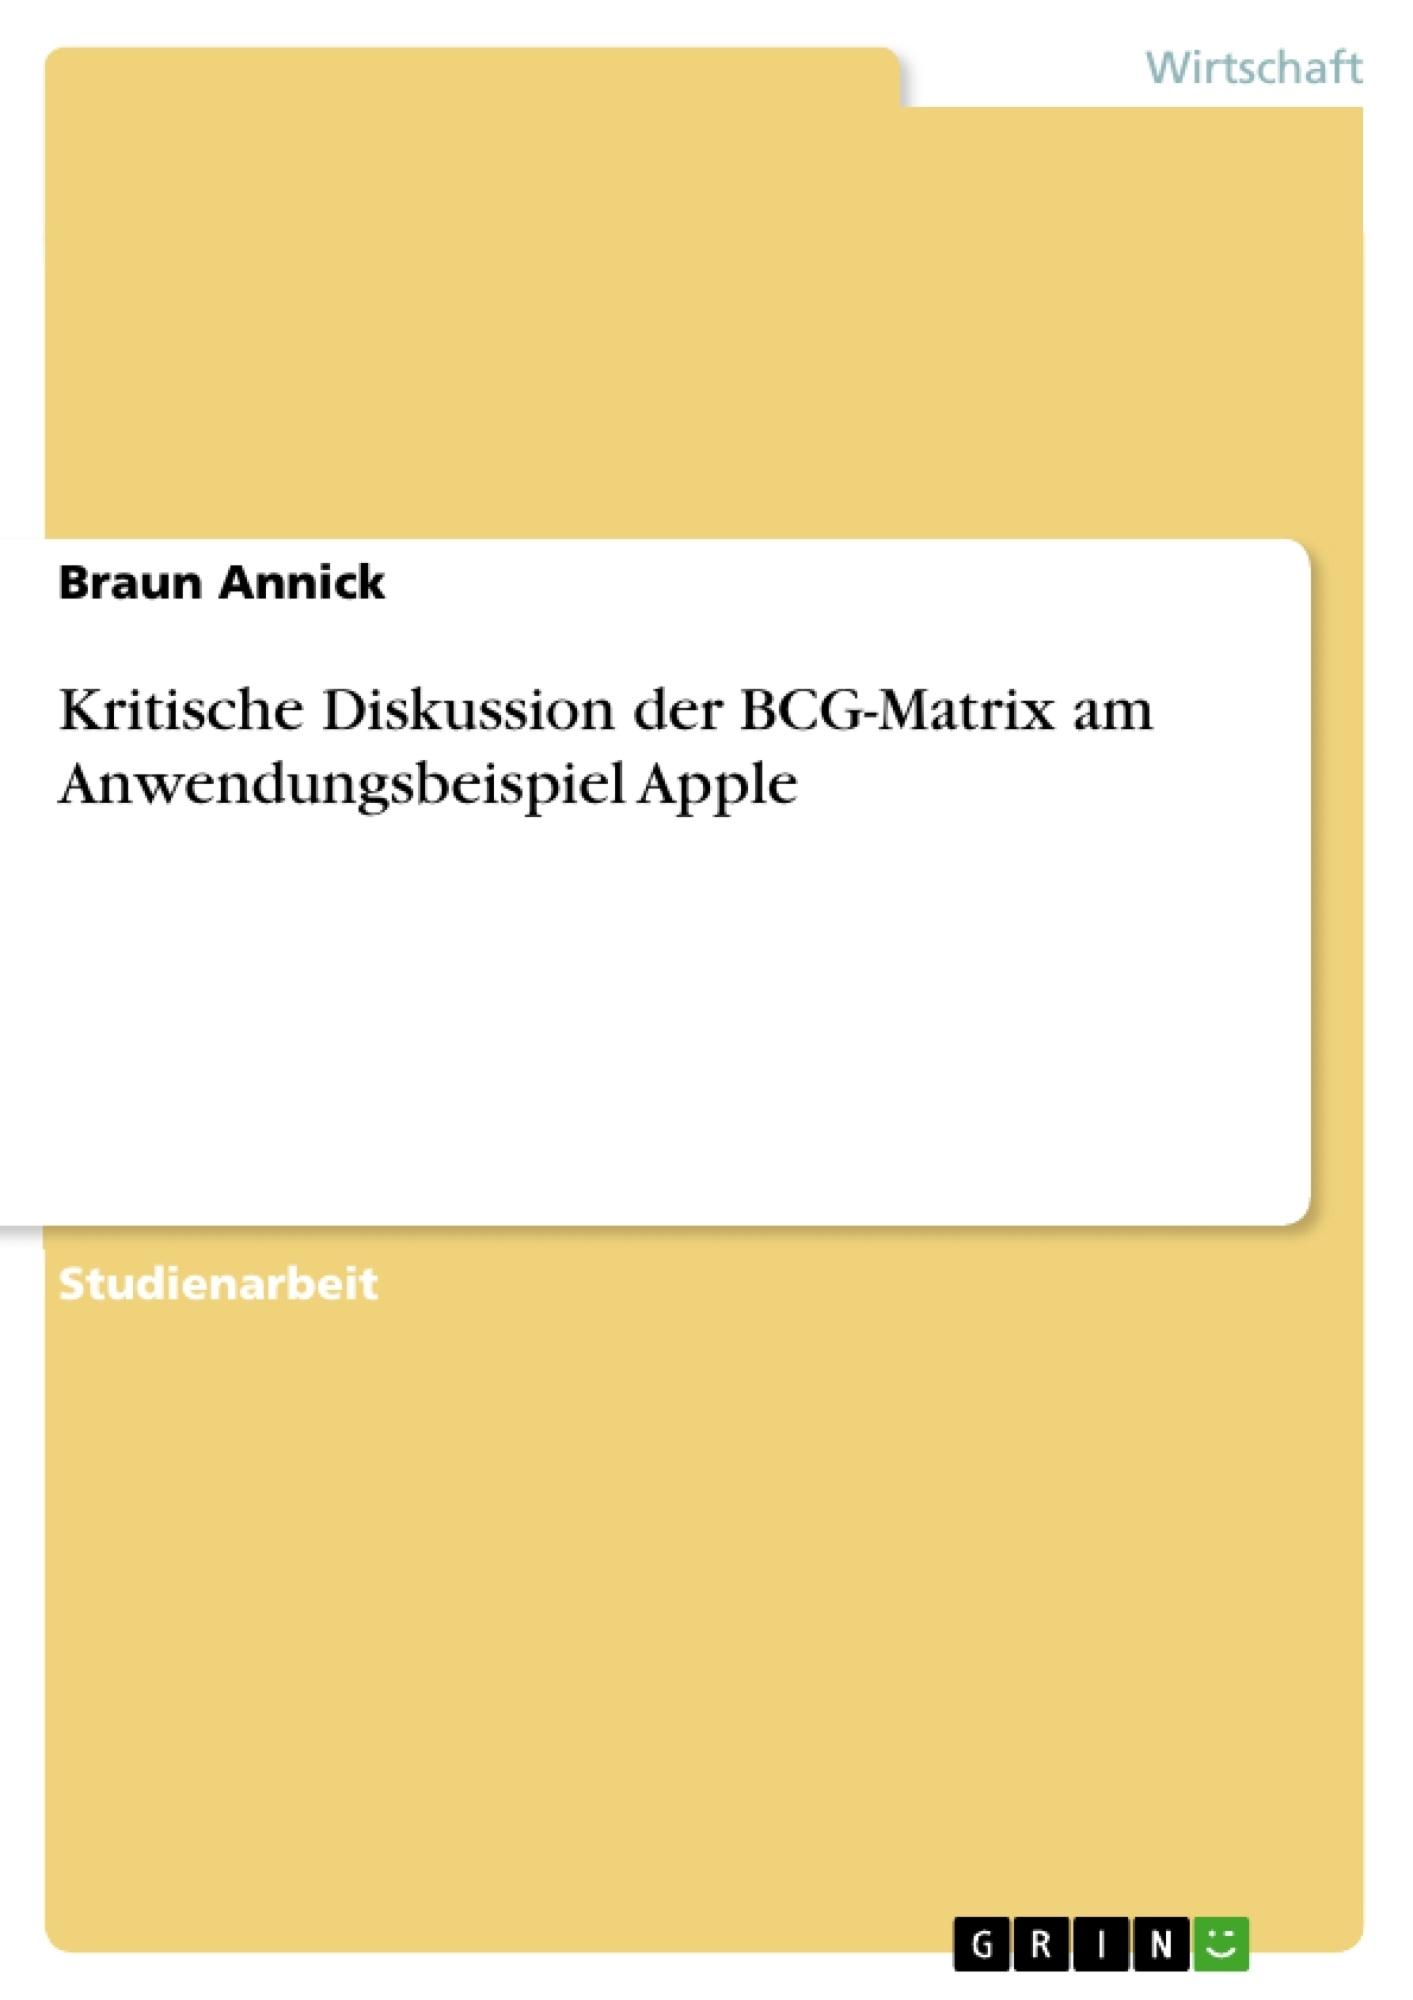 Titel: Kritische Diskussion der BCG-Matrix am Anwendungsbeispiel Apple